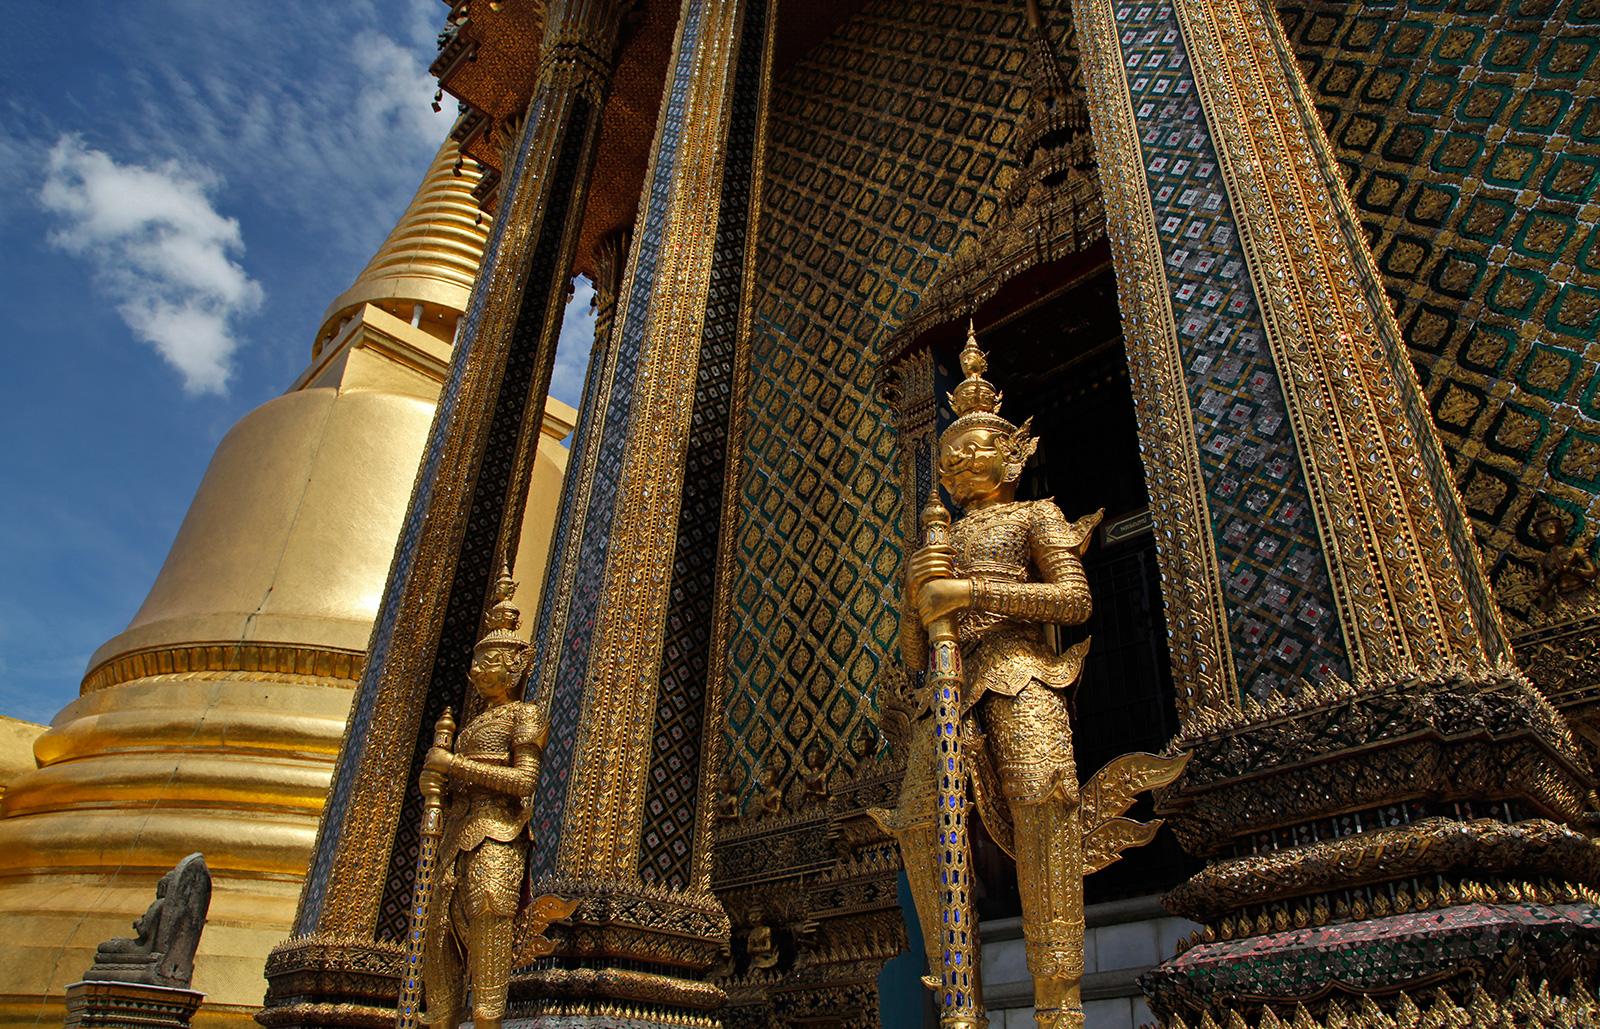 tempels-bangkok-thailand-2